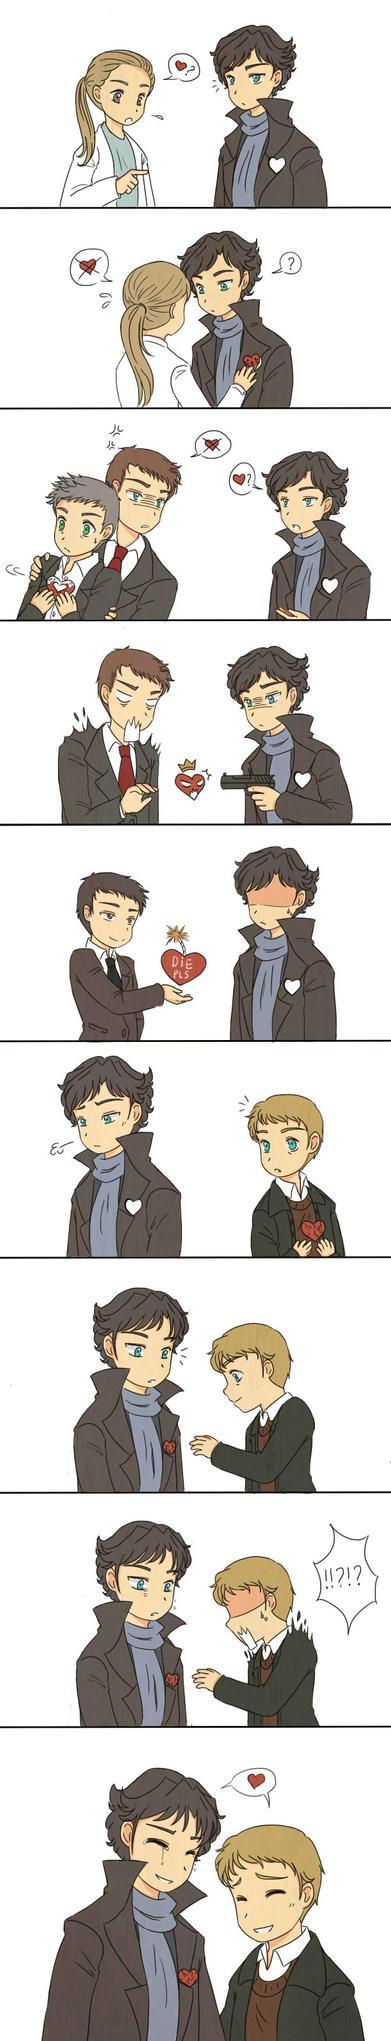 Hearts by Voidance-kun